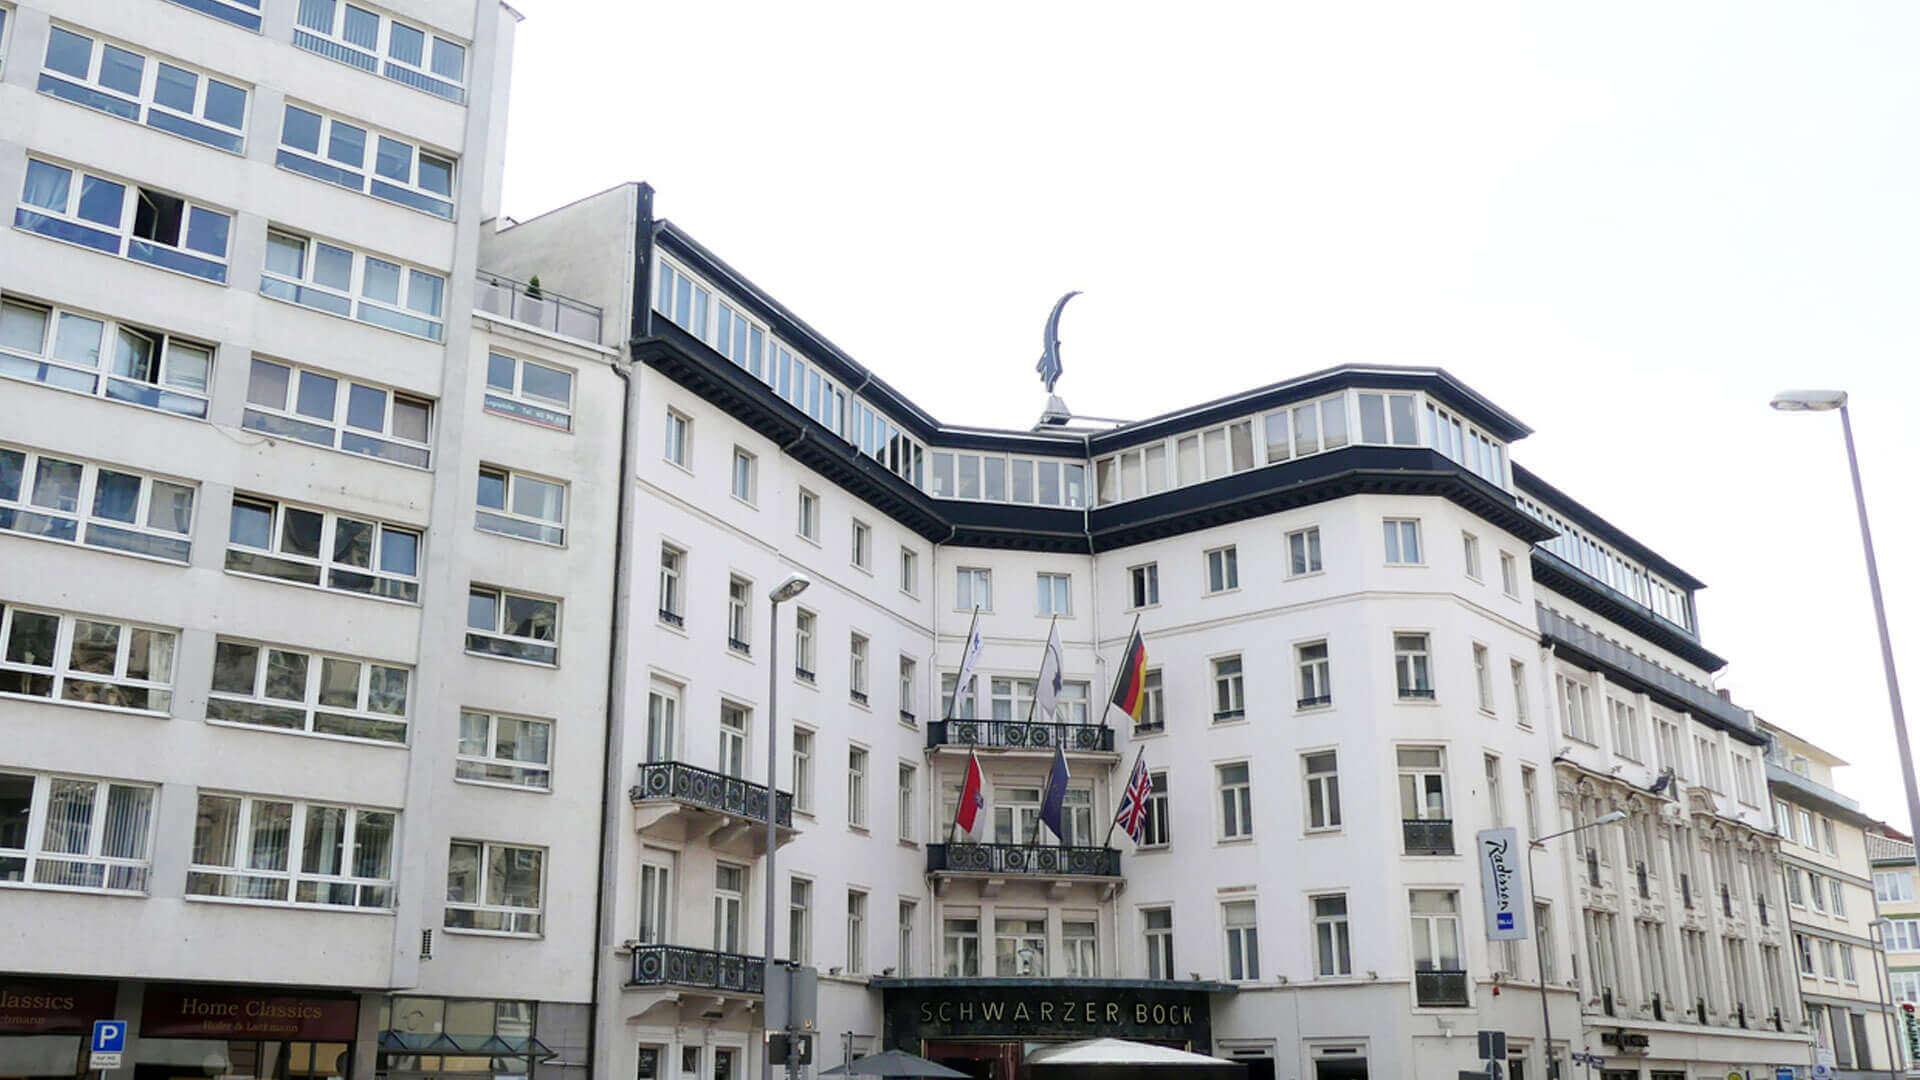 Frontansicht des Schwarzen Bock in Wiesbaden